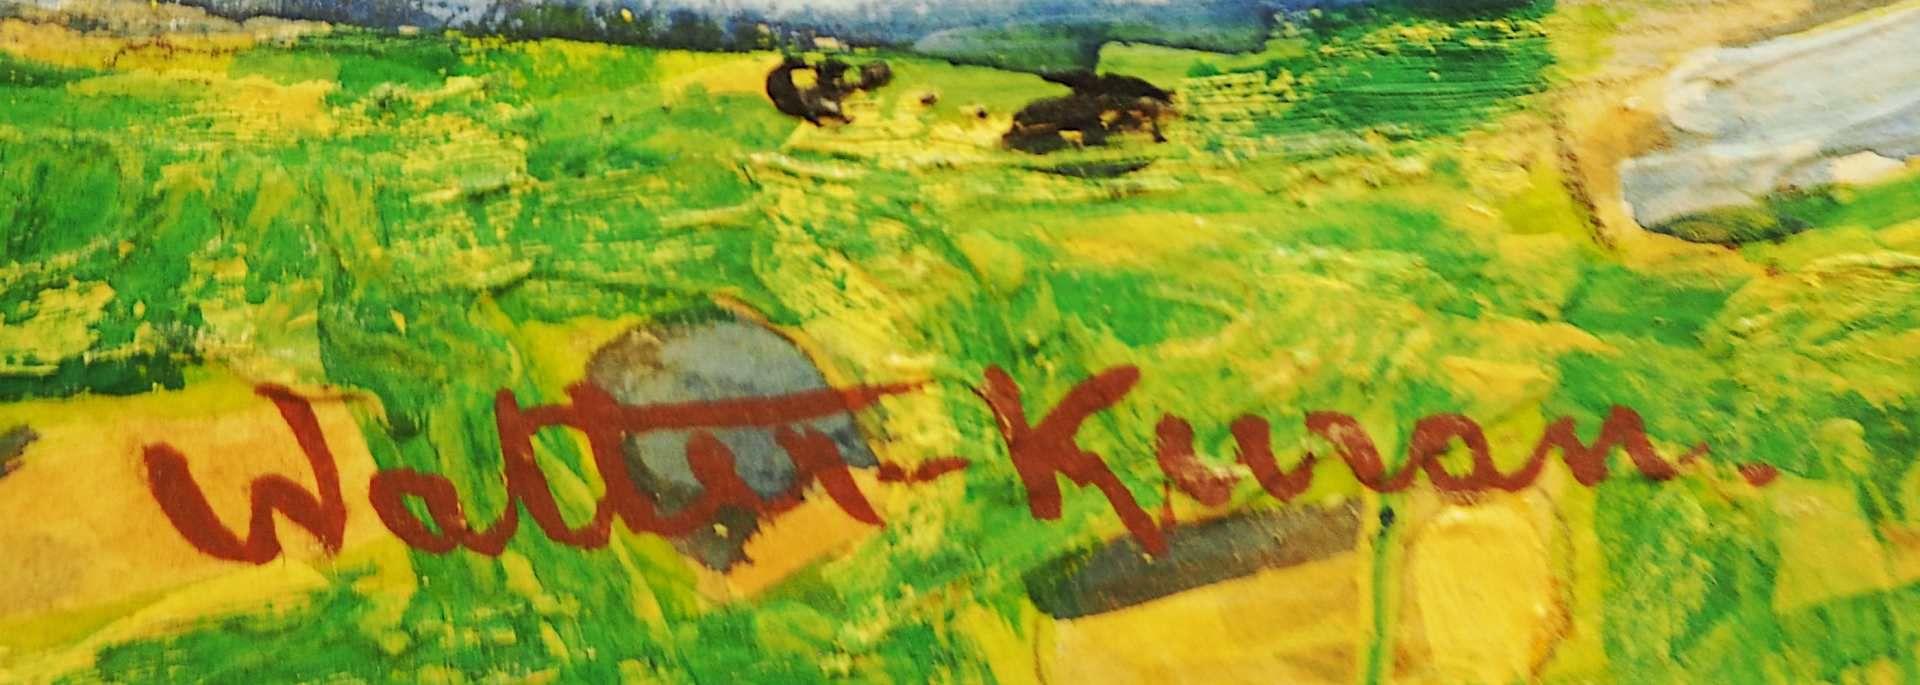 """1 Ölgemälde """"Landschaft mit Sägewerk"""" L.u. bez. Walter KURAU (wohl 20. Jh.) Öl/Lwd - Bild 3 aus 4"""